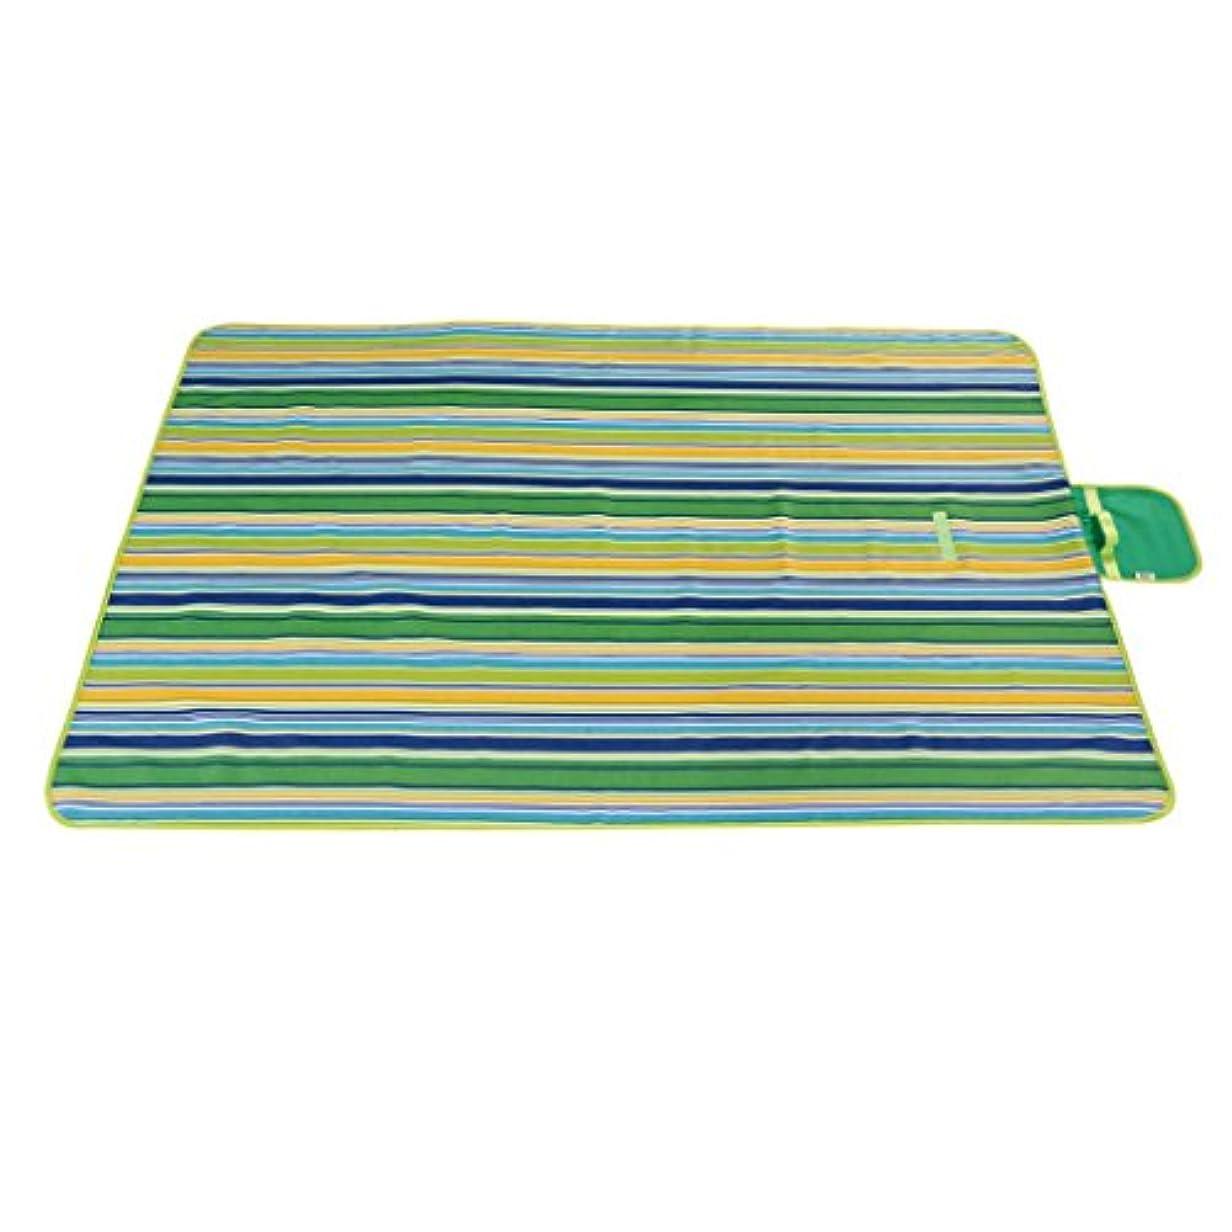 上がるパーチナシティ貢献する防湿パッド ピクニックマット 湿気パッド アウトドア用品 テントグラス ワイドニング